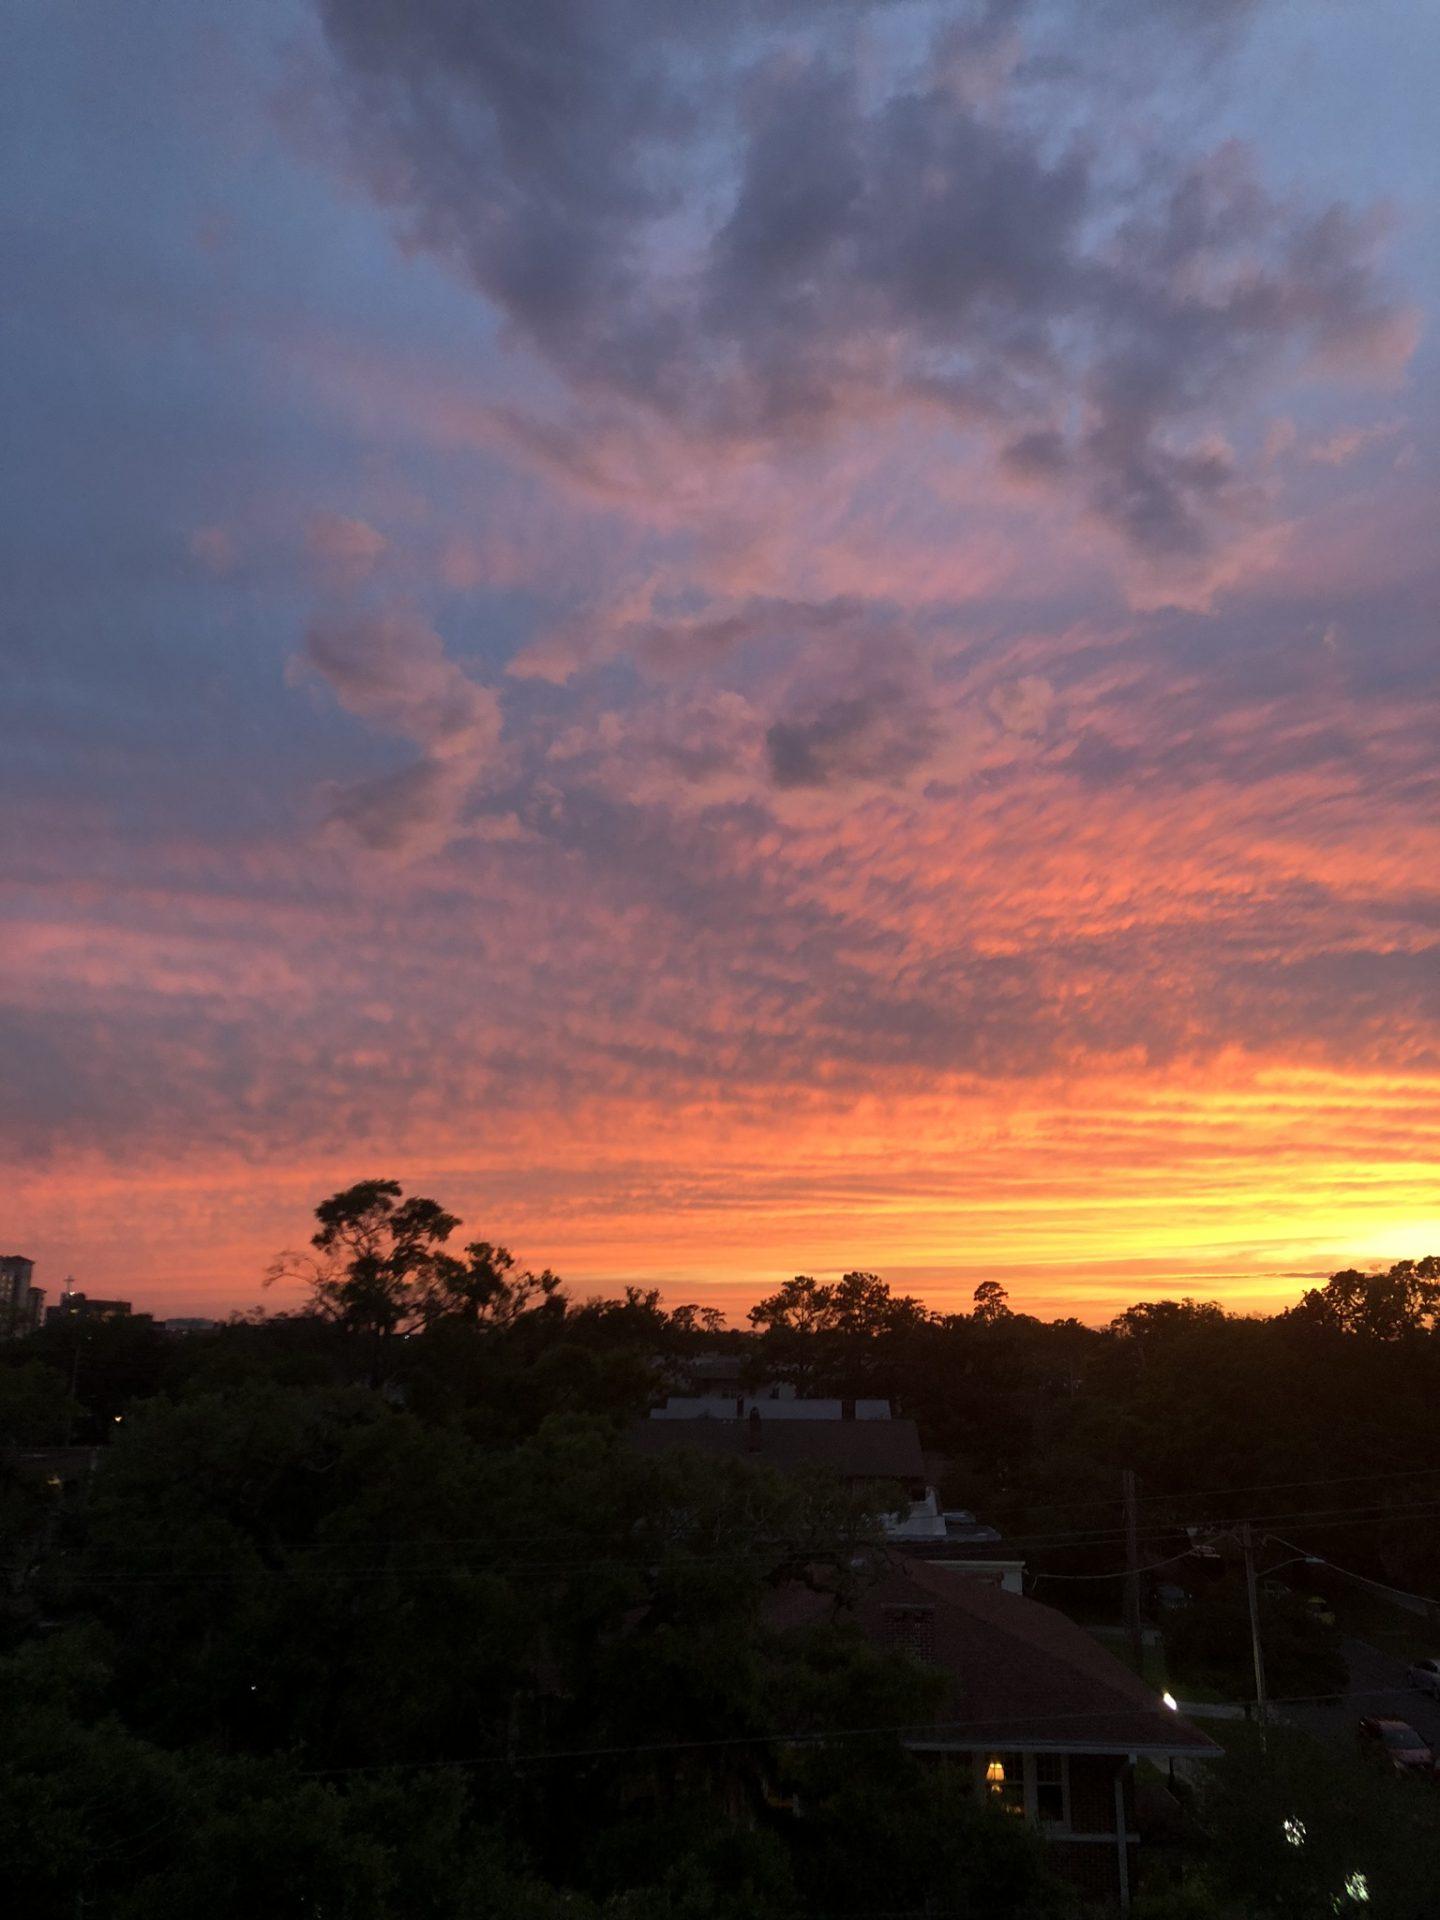 Sunset in Jacksonville, Florida